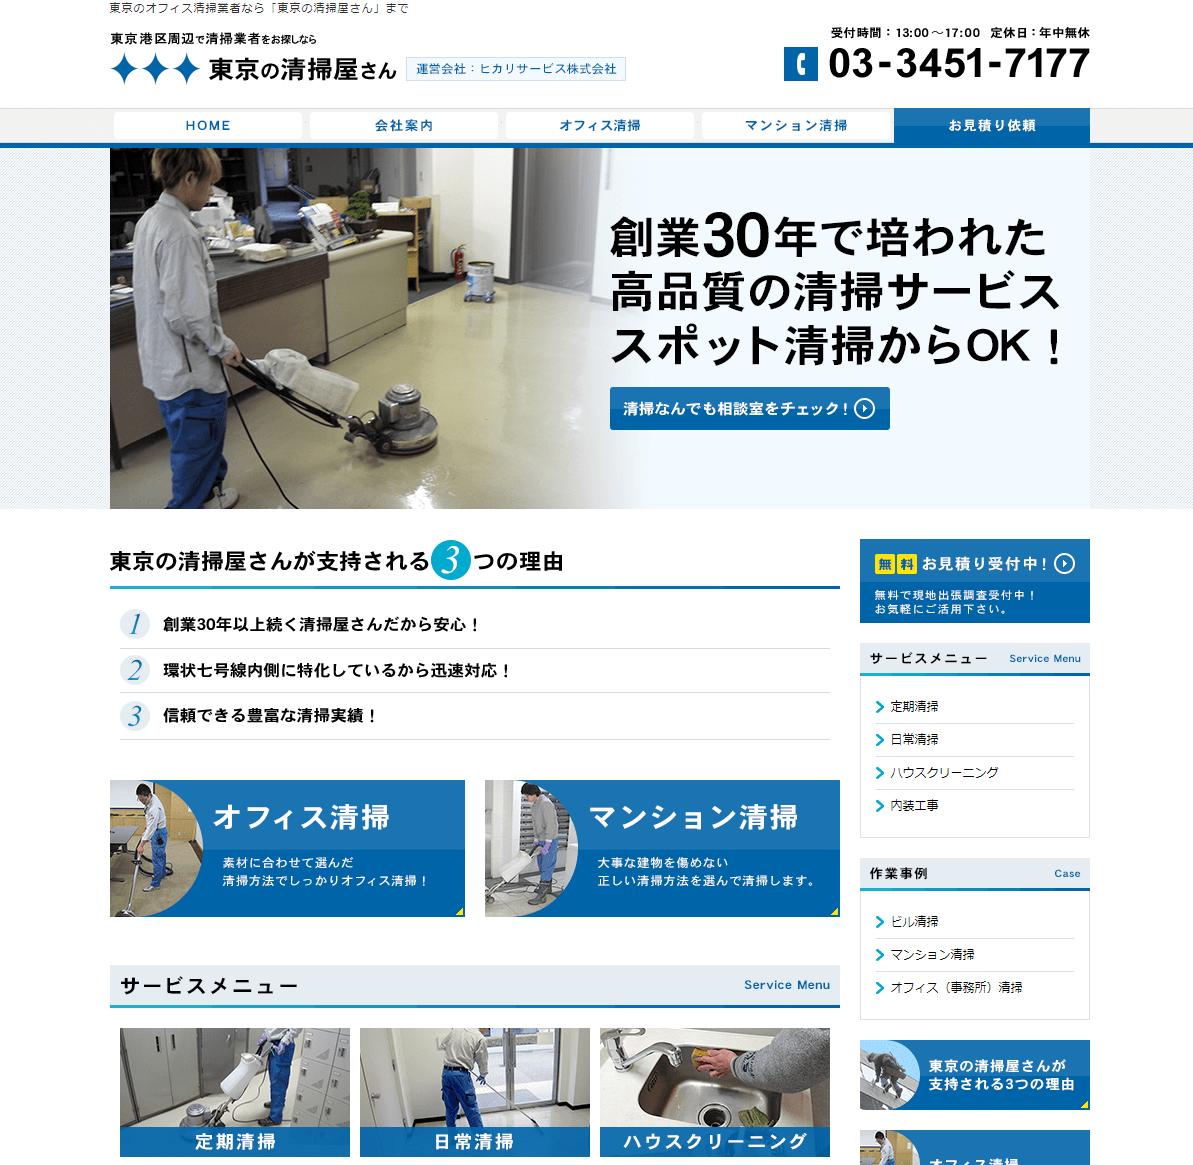 """<span class=""""title"""">ヒカリサービス株式会社の口コミや評判</span>"""